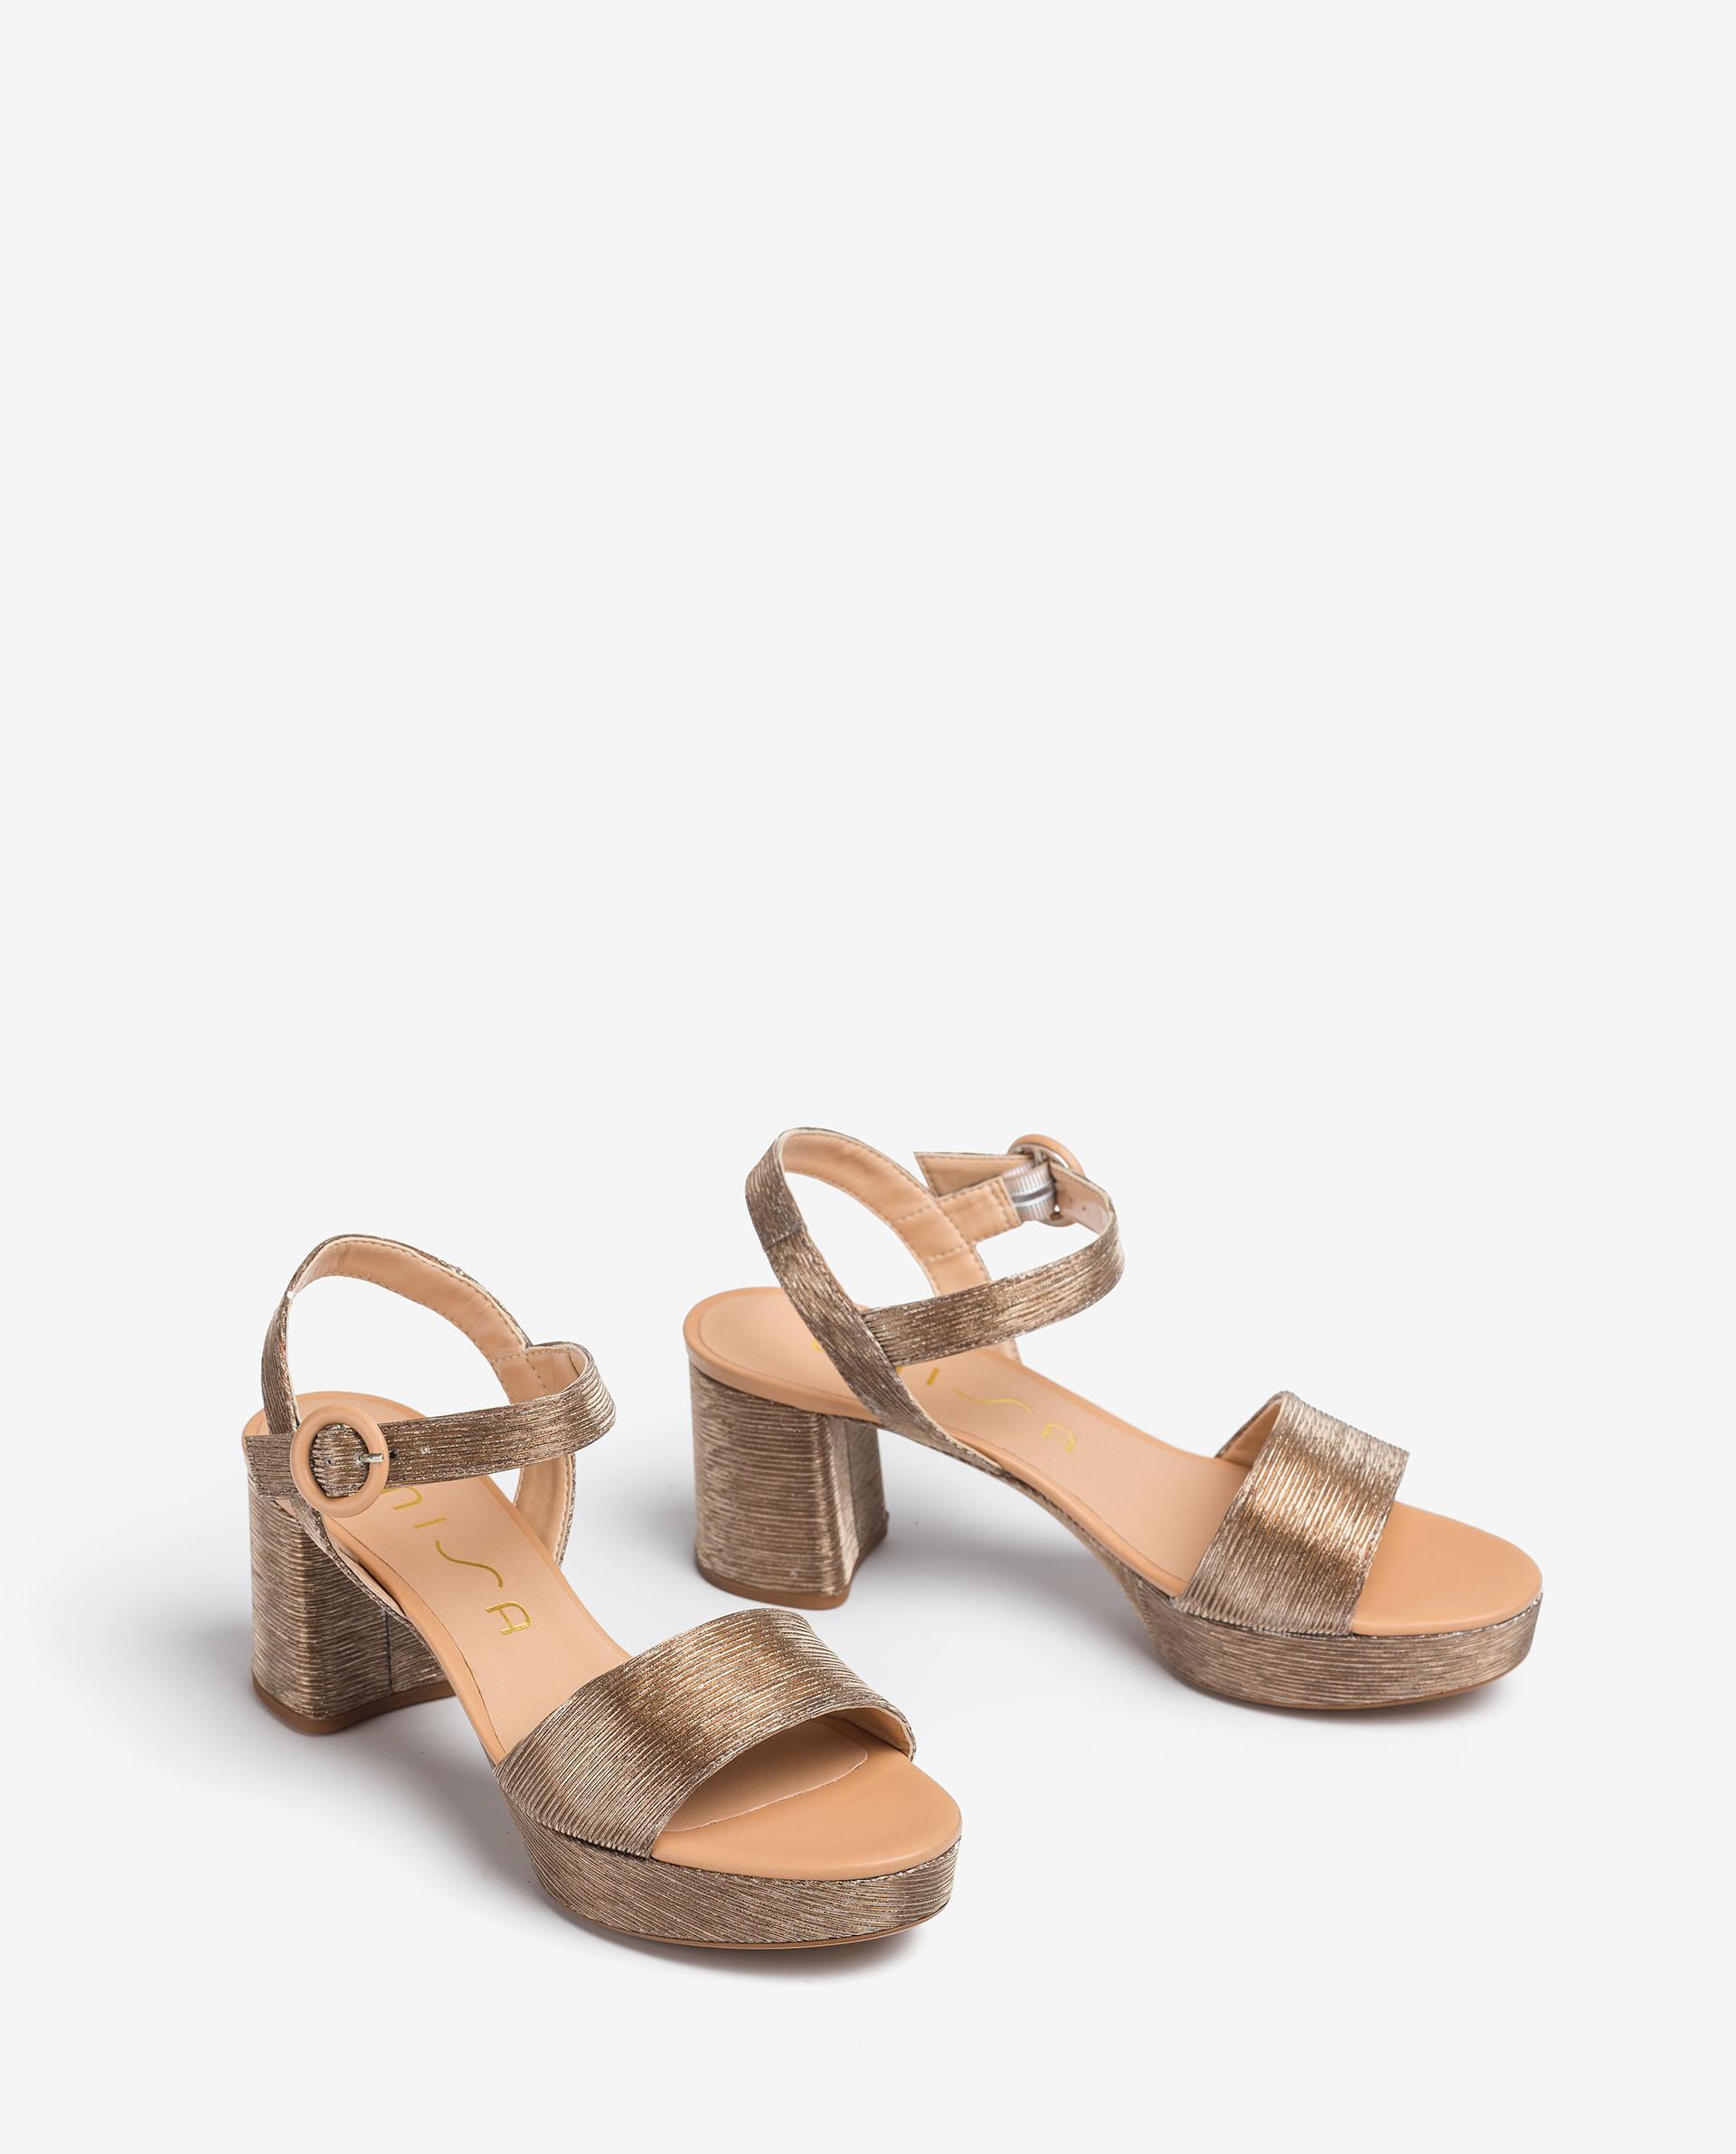 UNISA Sandalen aus glänzendem Stoff. NENES_21_RAD_NA 5